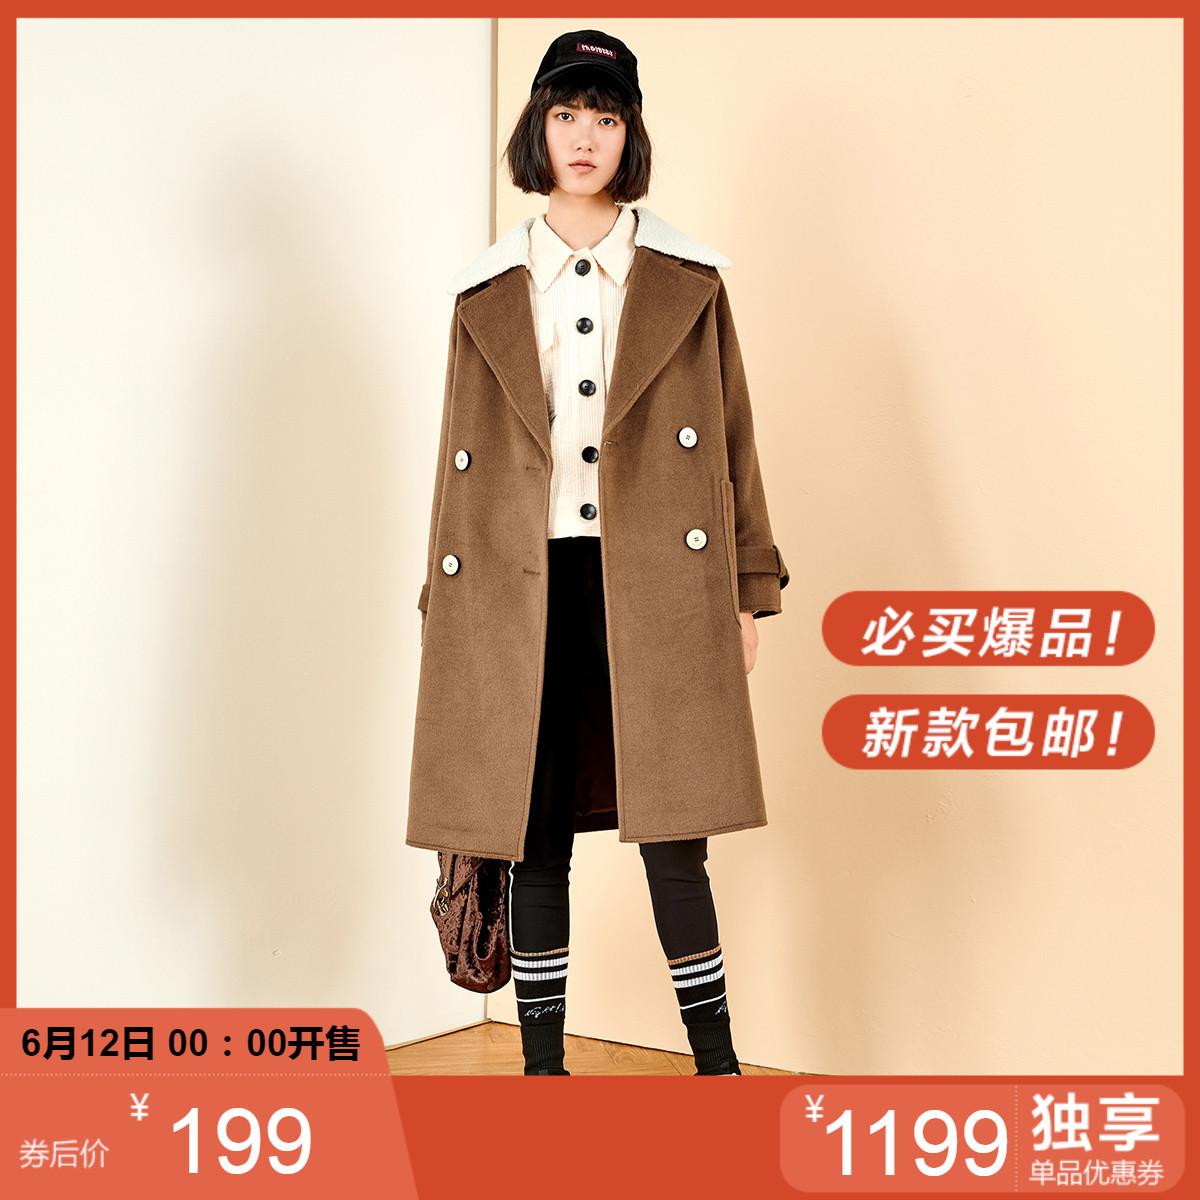 【太平鸟时装官方店】限时秒杀活动  进店全场300-100 上不封顶!